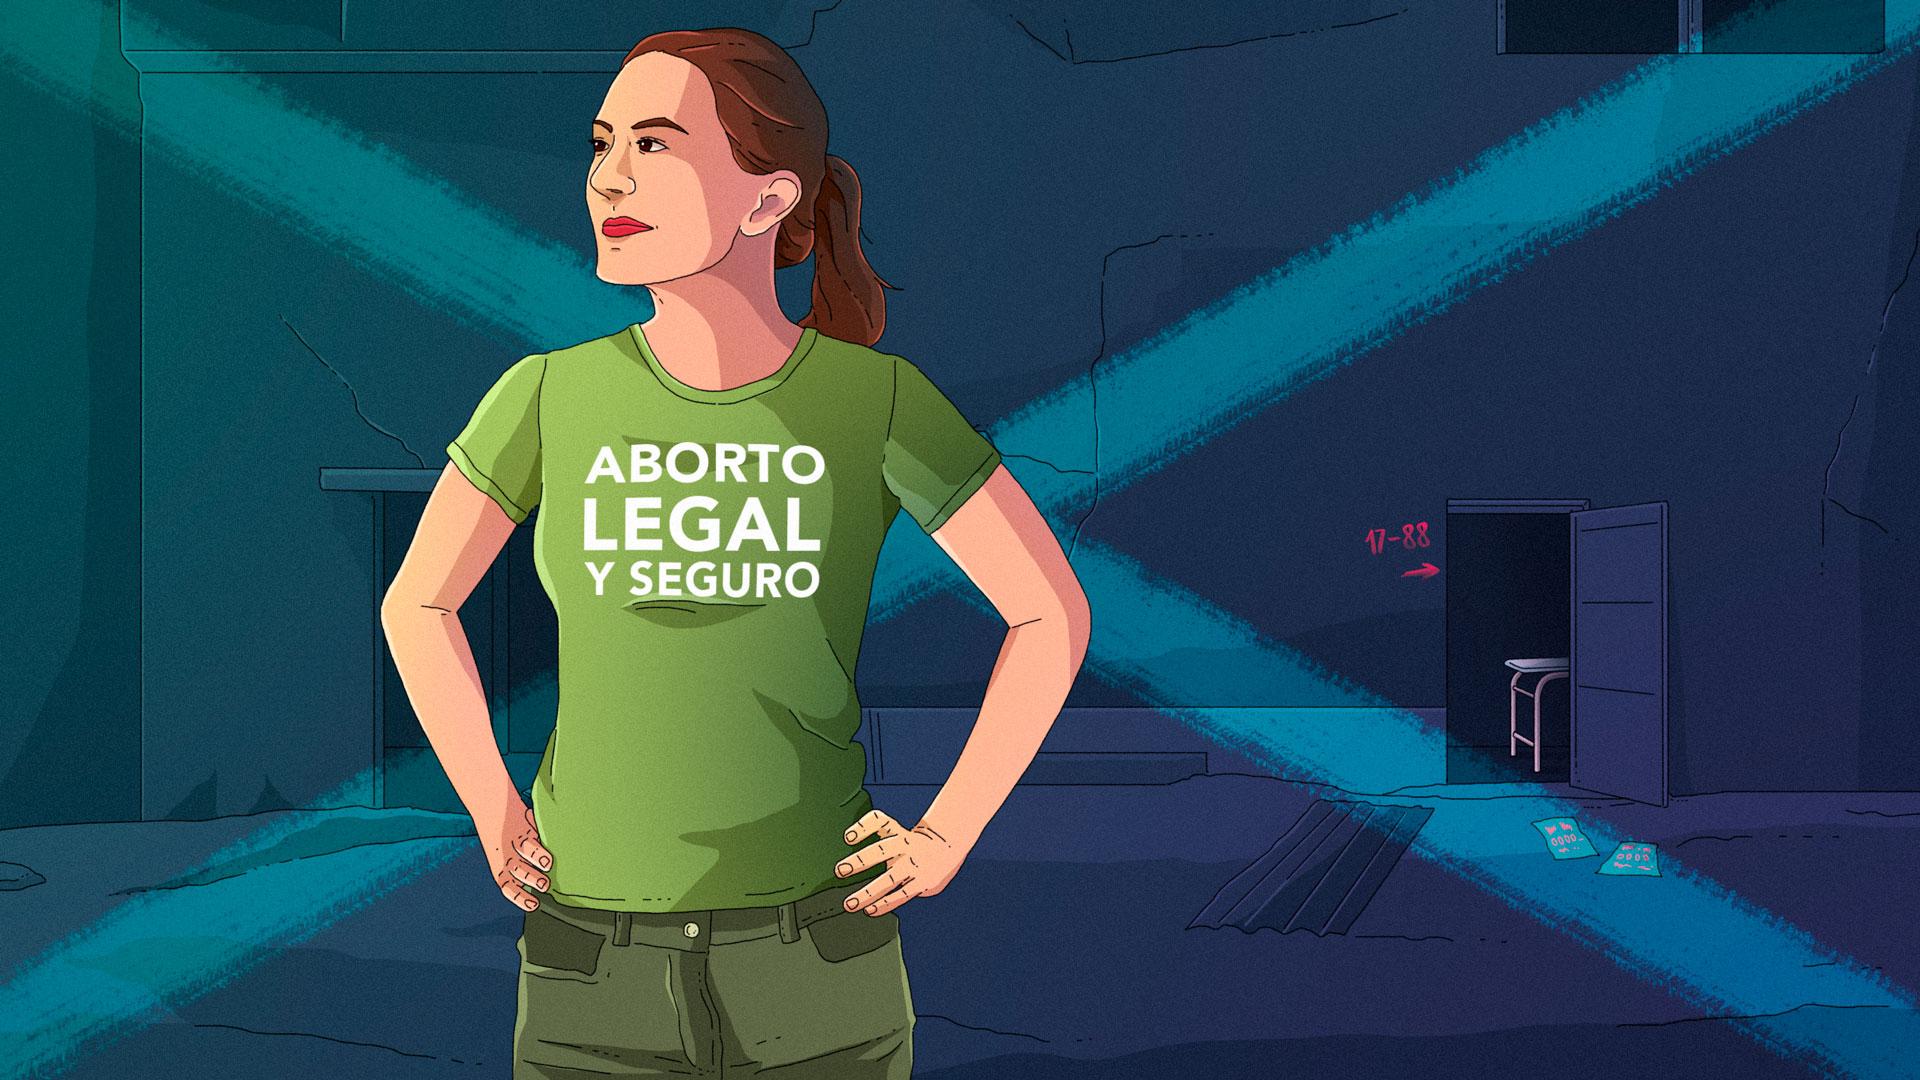 Miguel Uribe: usted no tiene la autoridad para decidir sobre nuestros cuerpos